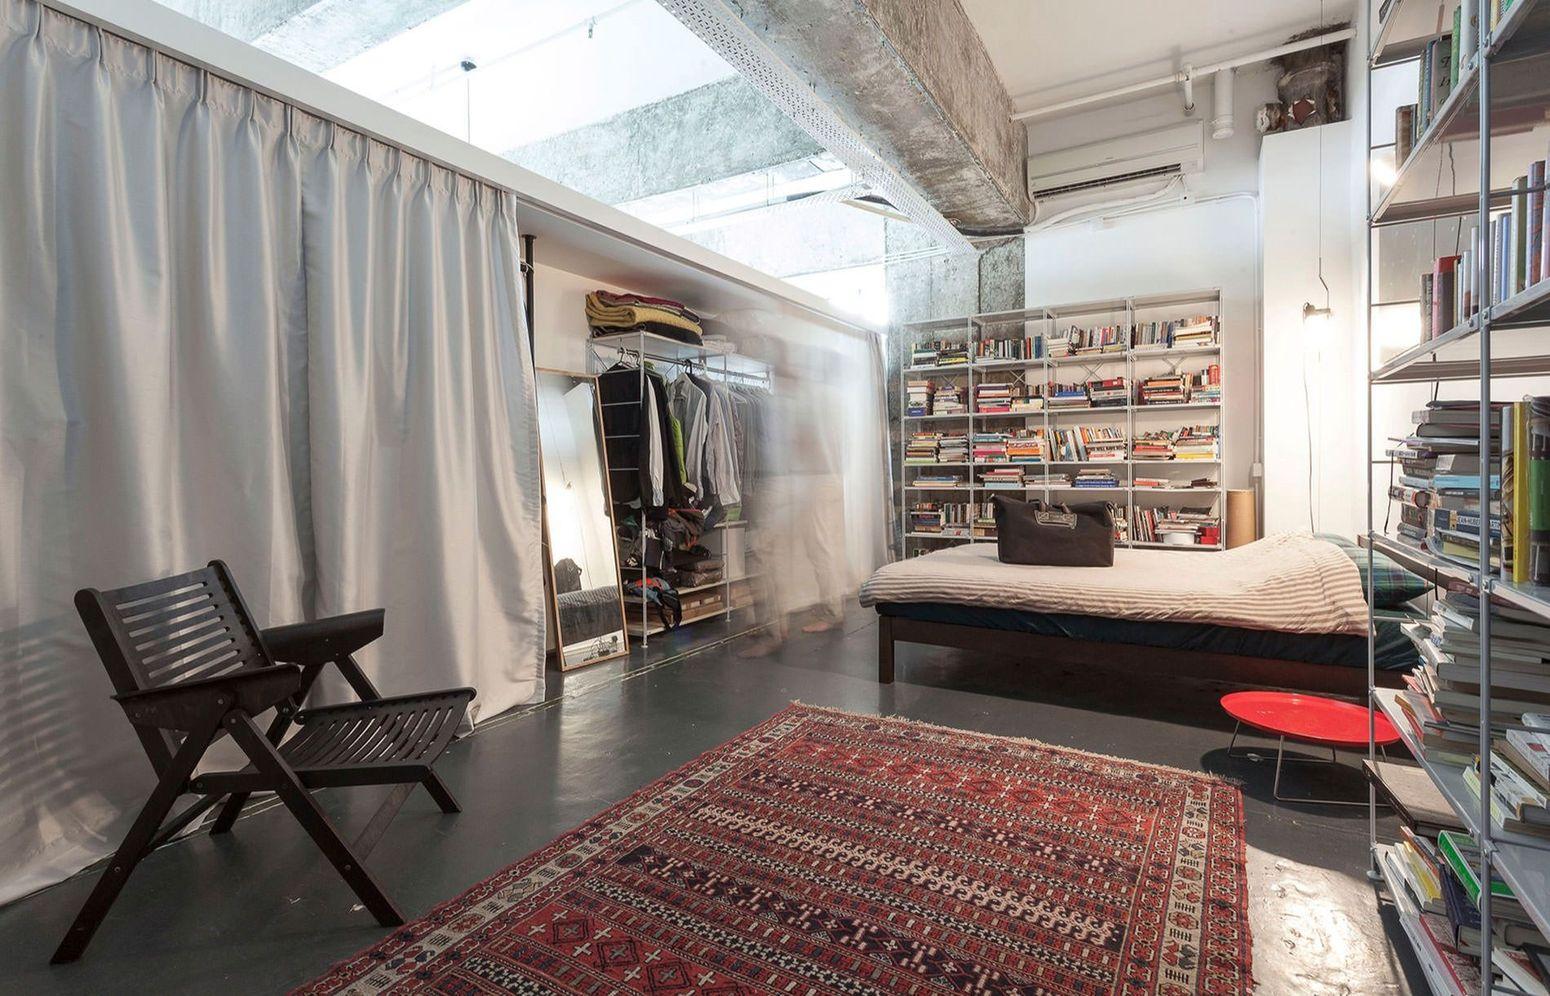 Бетонный лофт в городе с самой дорогой недвижимостью в мире